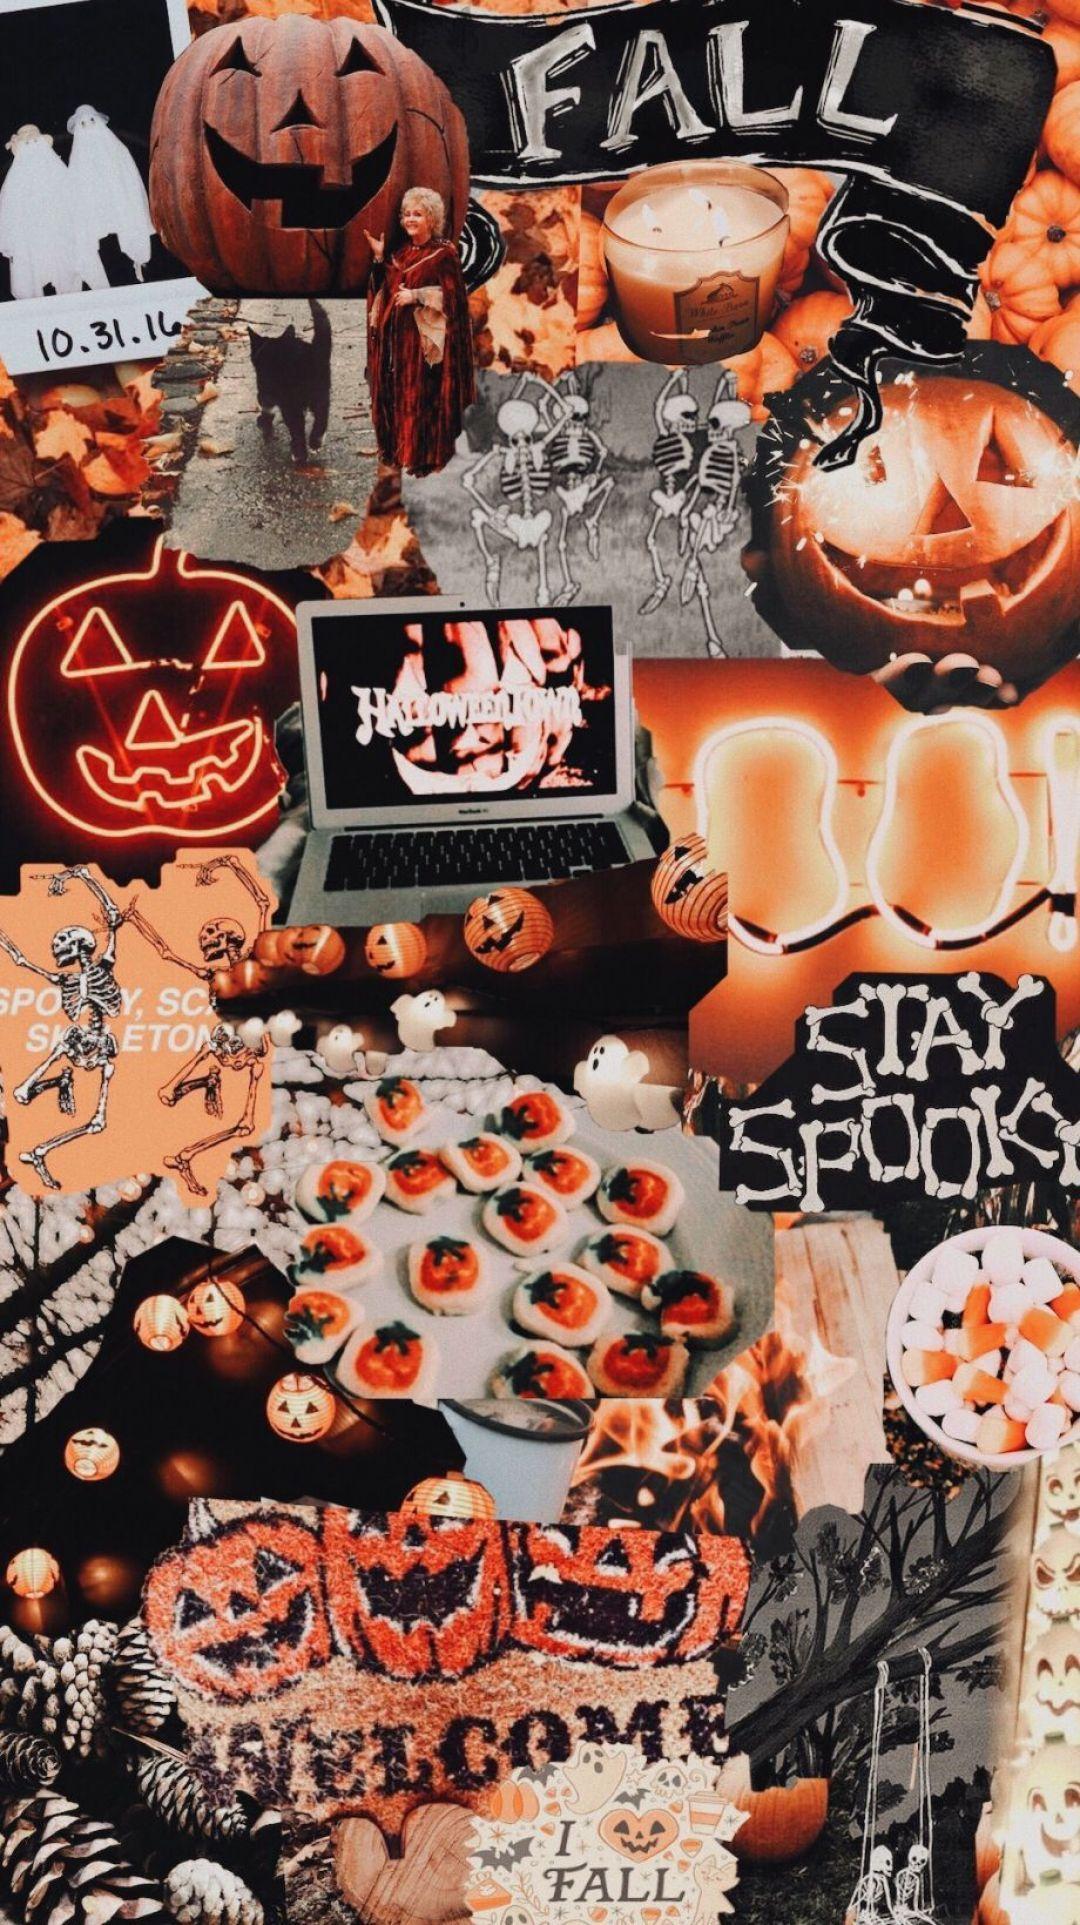 Aesthetic Pumpkin Android Iphone Desktop Hd Backgrounds Wallpapers 1080p 4k 101545 Halloween Wallpaper Iphone Cute Fall Wallpaper Halloween Wallpaper